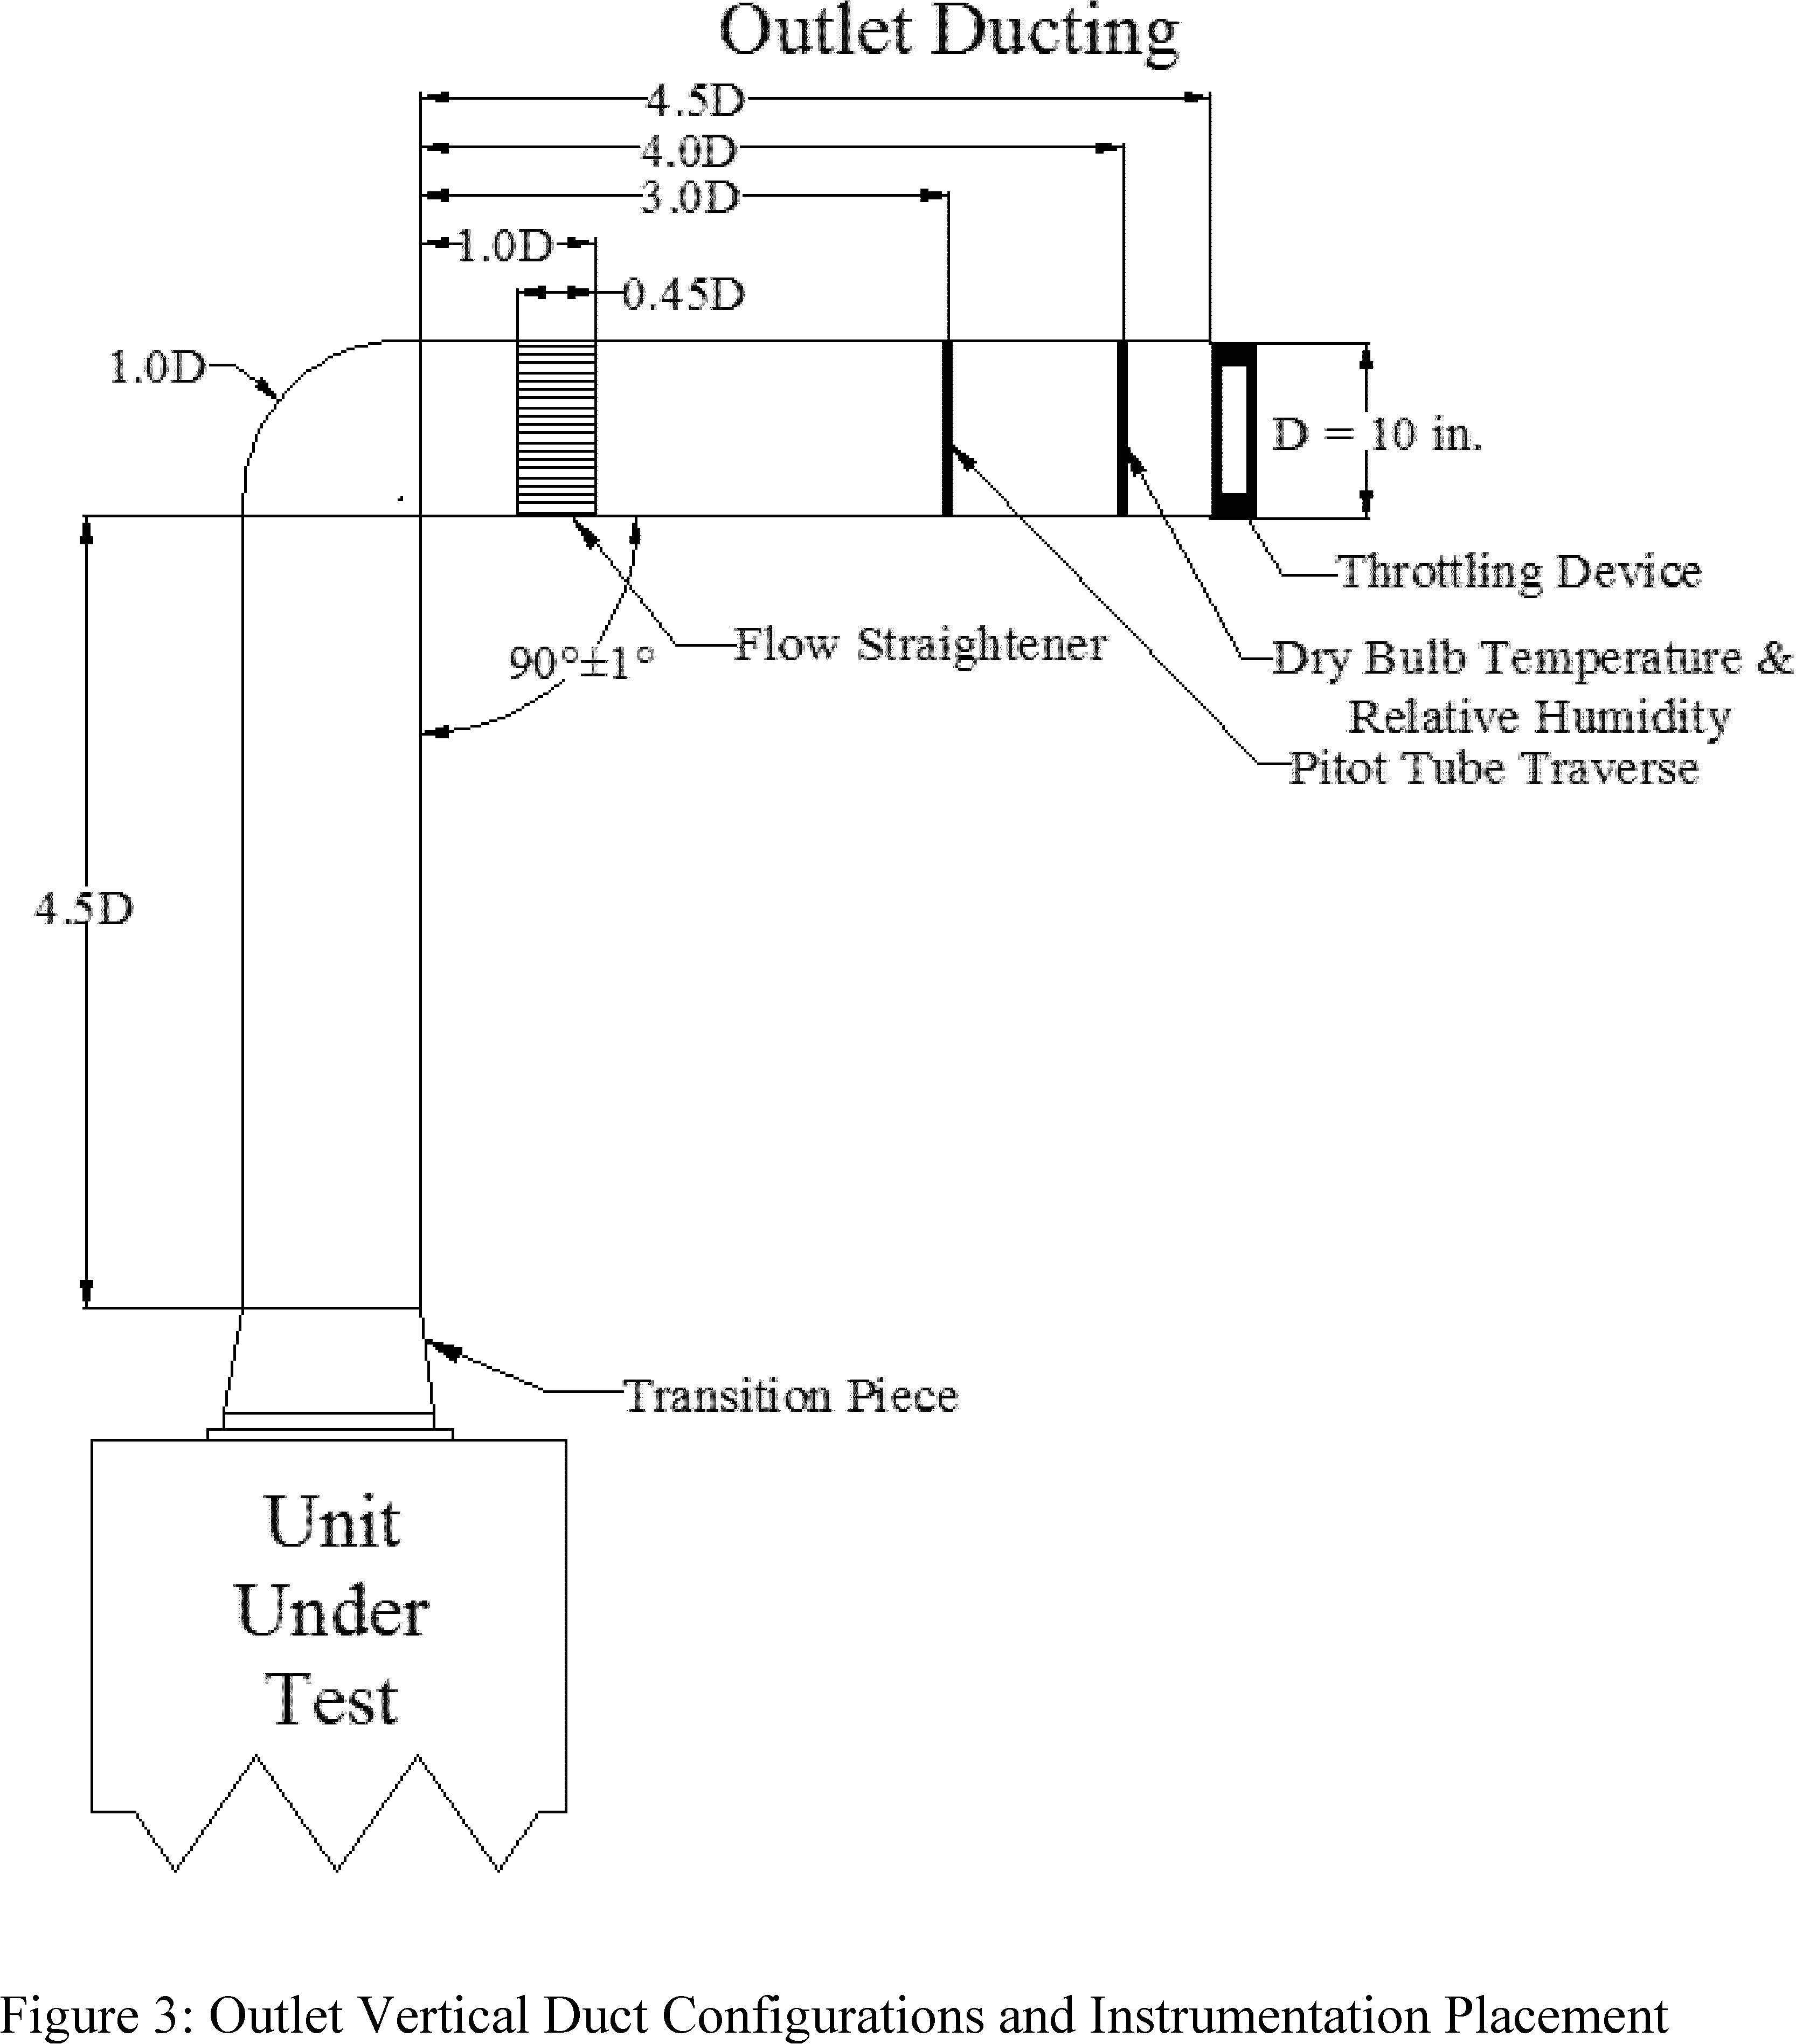 wiring aiwa diagram cdc x176m wiring diagram files aiwa stereo wiring diagram aiwa wiring diagram